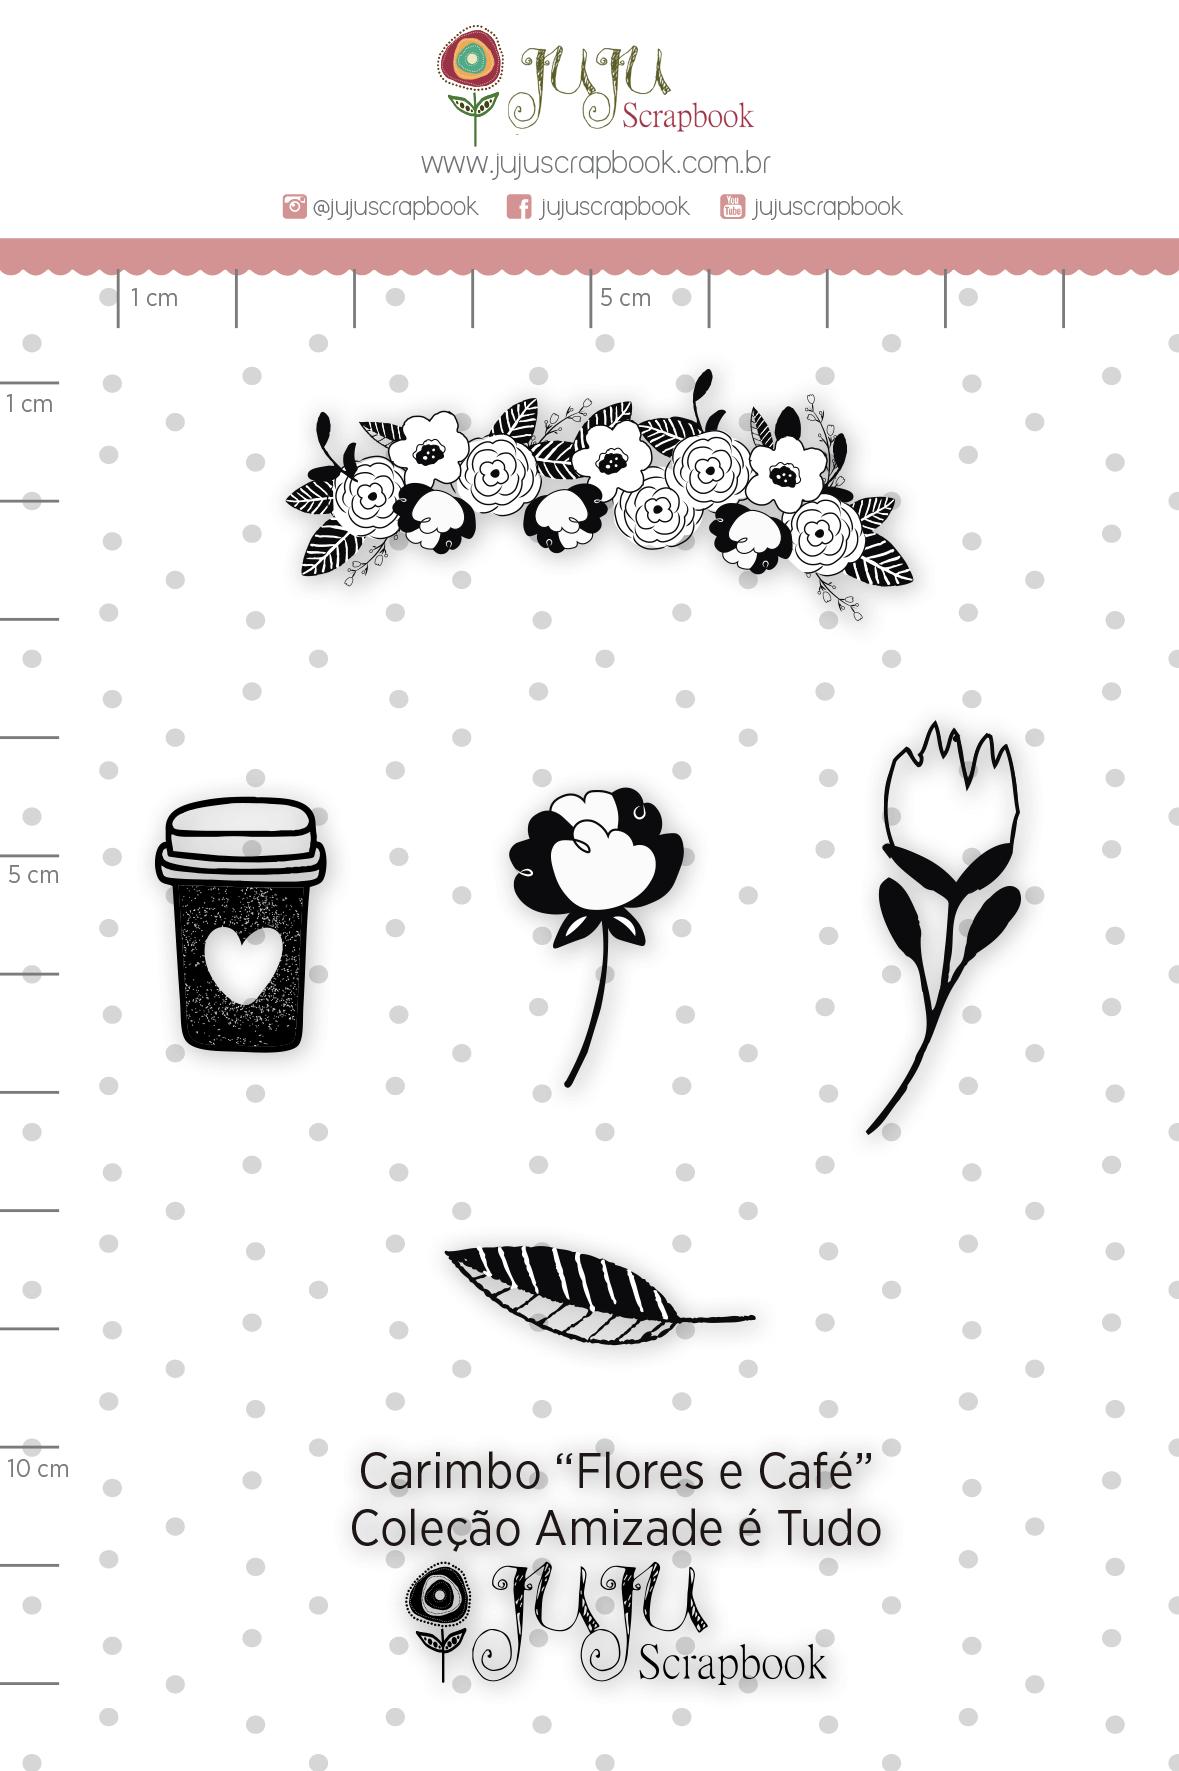 Carimbo M Flores e Café - Coleção Amizade é Tudo - JuJu Scrapbook  - JuJu Scrapbook